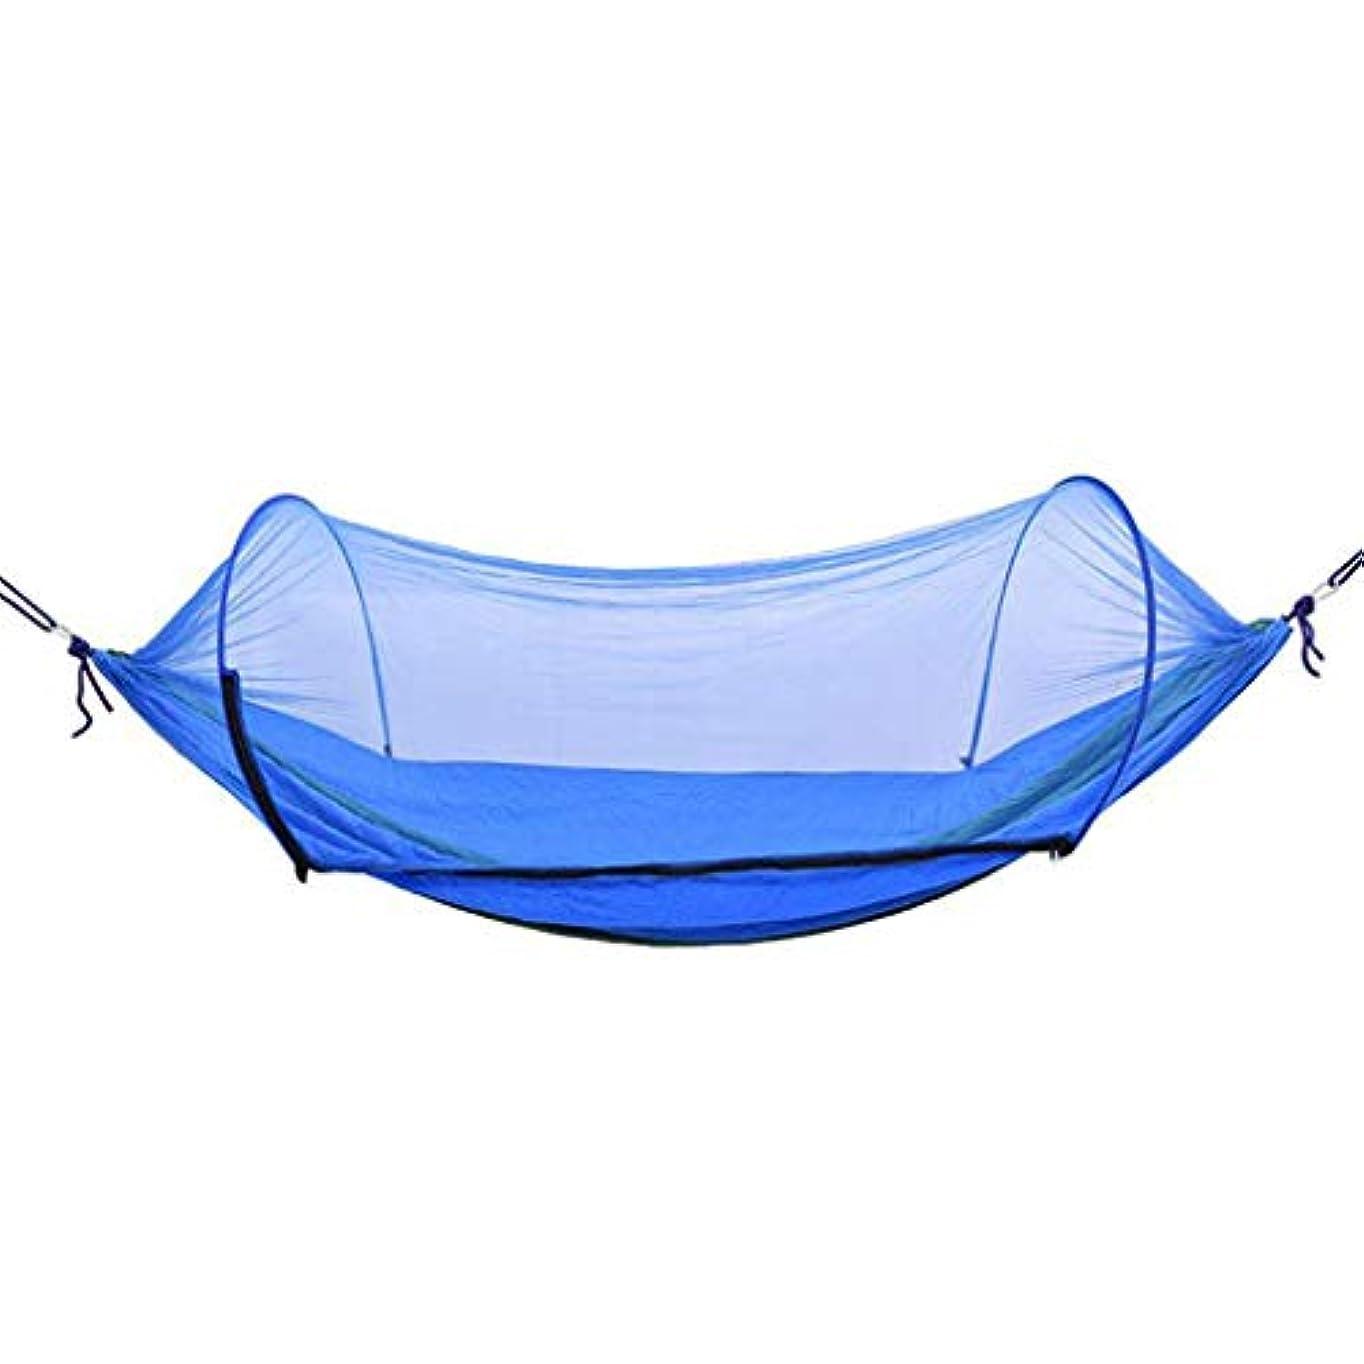 頼る音複雑キャンプハンモック、蚊帳付きハンモック2人用キャンプブルー